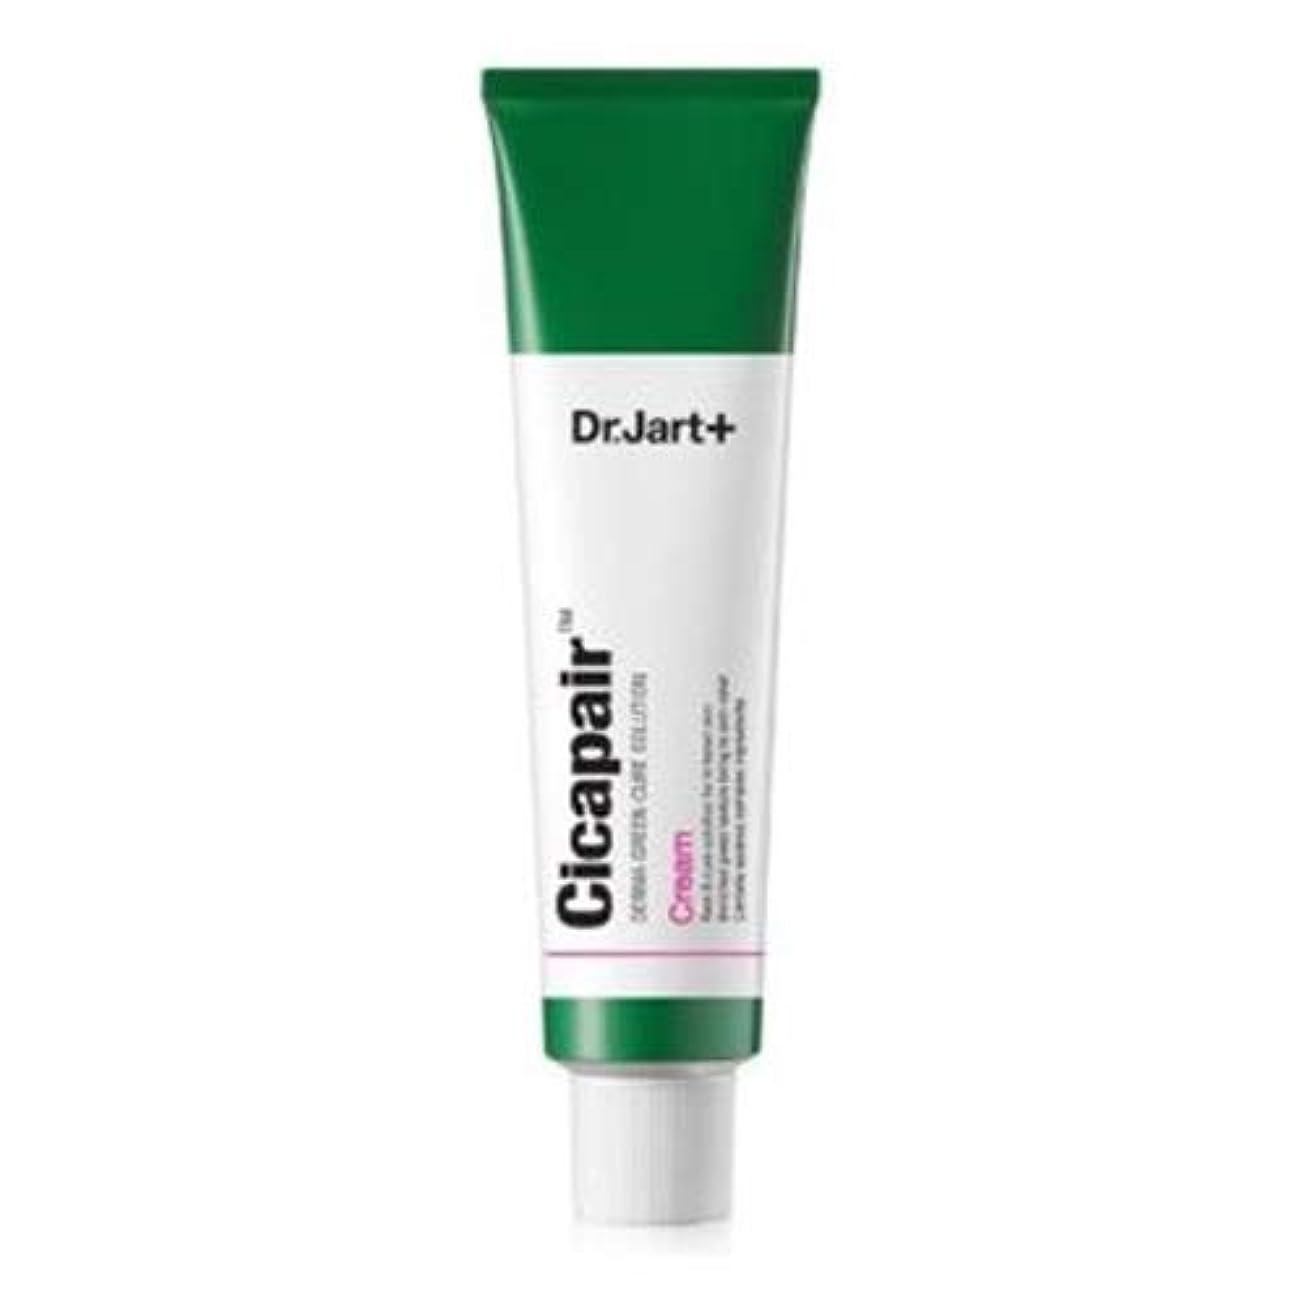 敷居免疫する前提[Dr.Jart+ Cicapair Cream + ReCover] ドクタージャルトシカペアクリーム50mlとリカバーセット韓国直送 [並行輸入品]